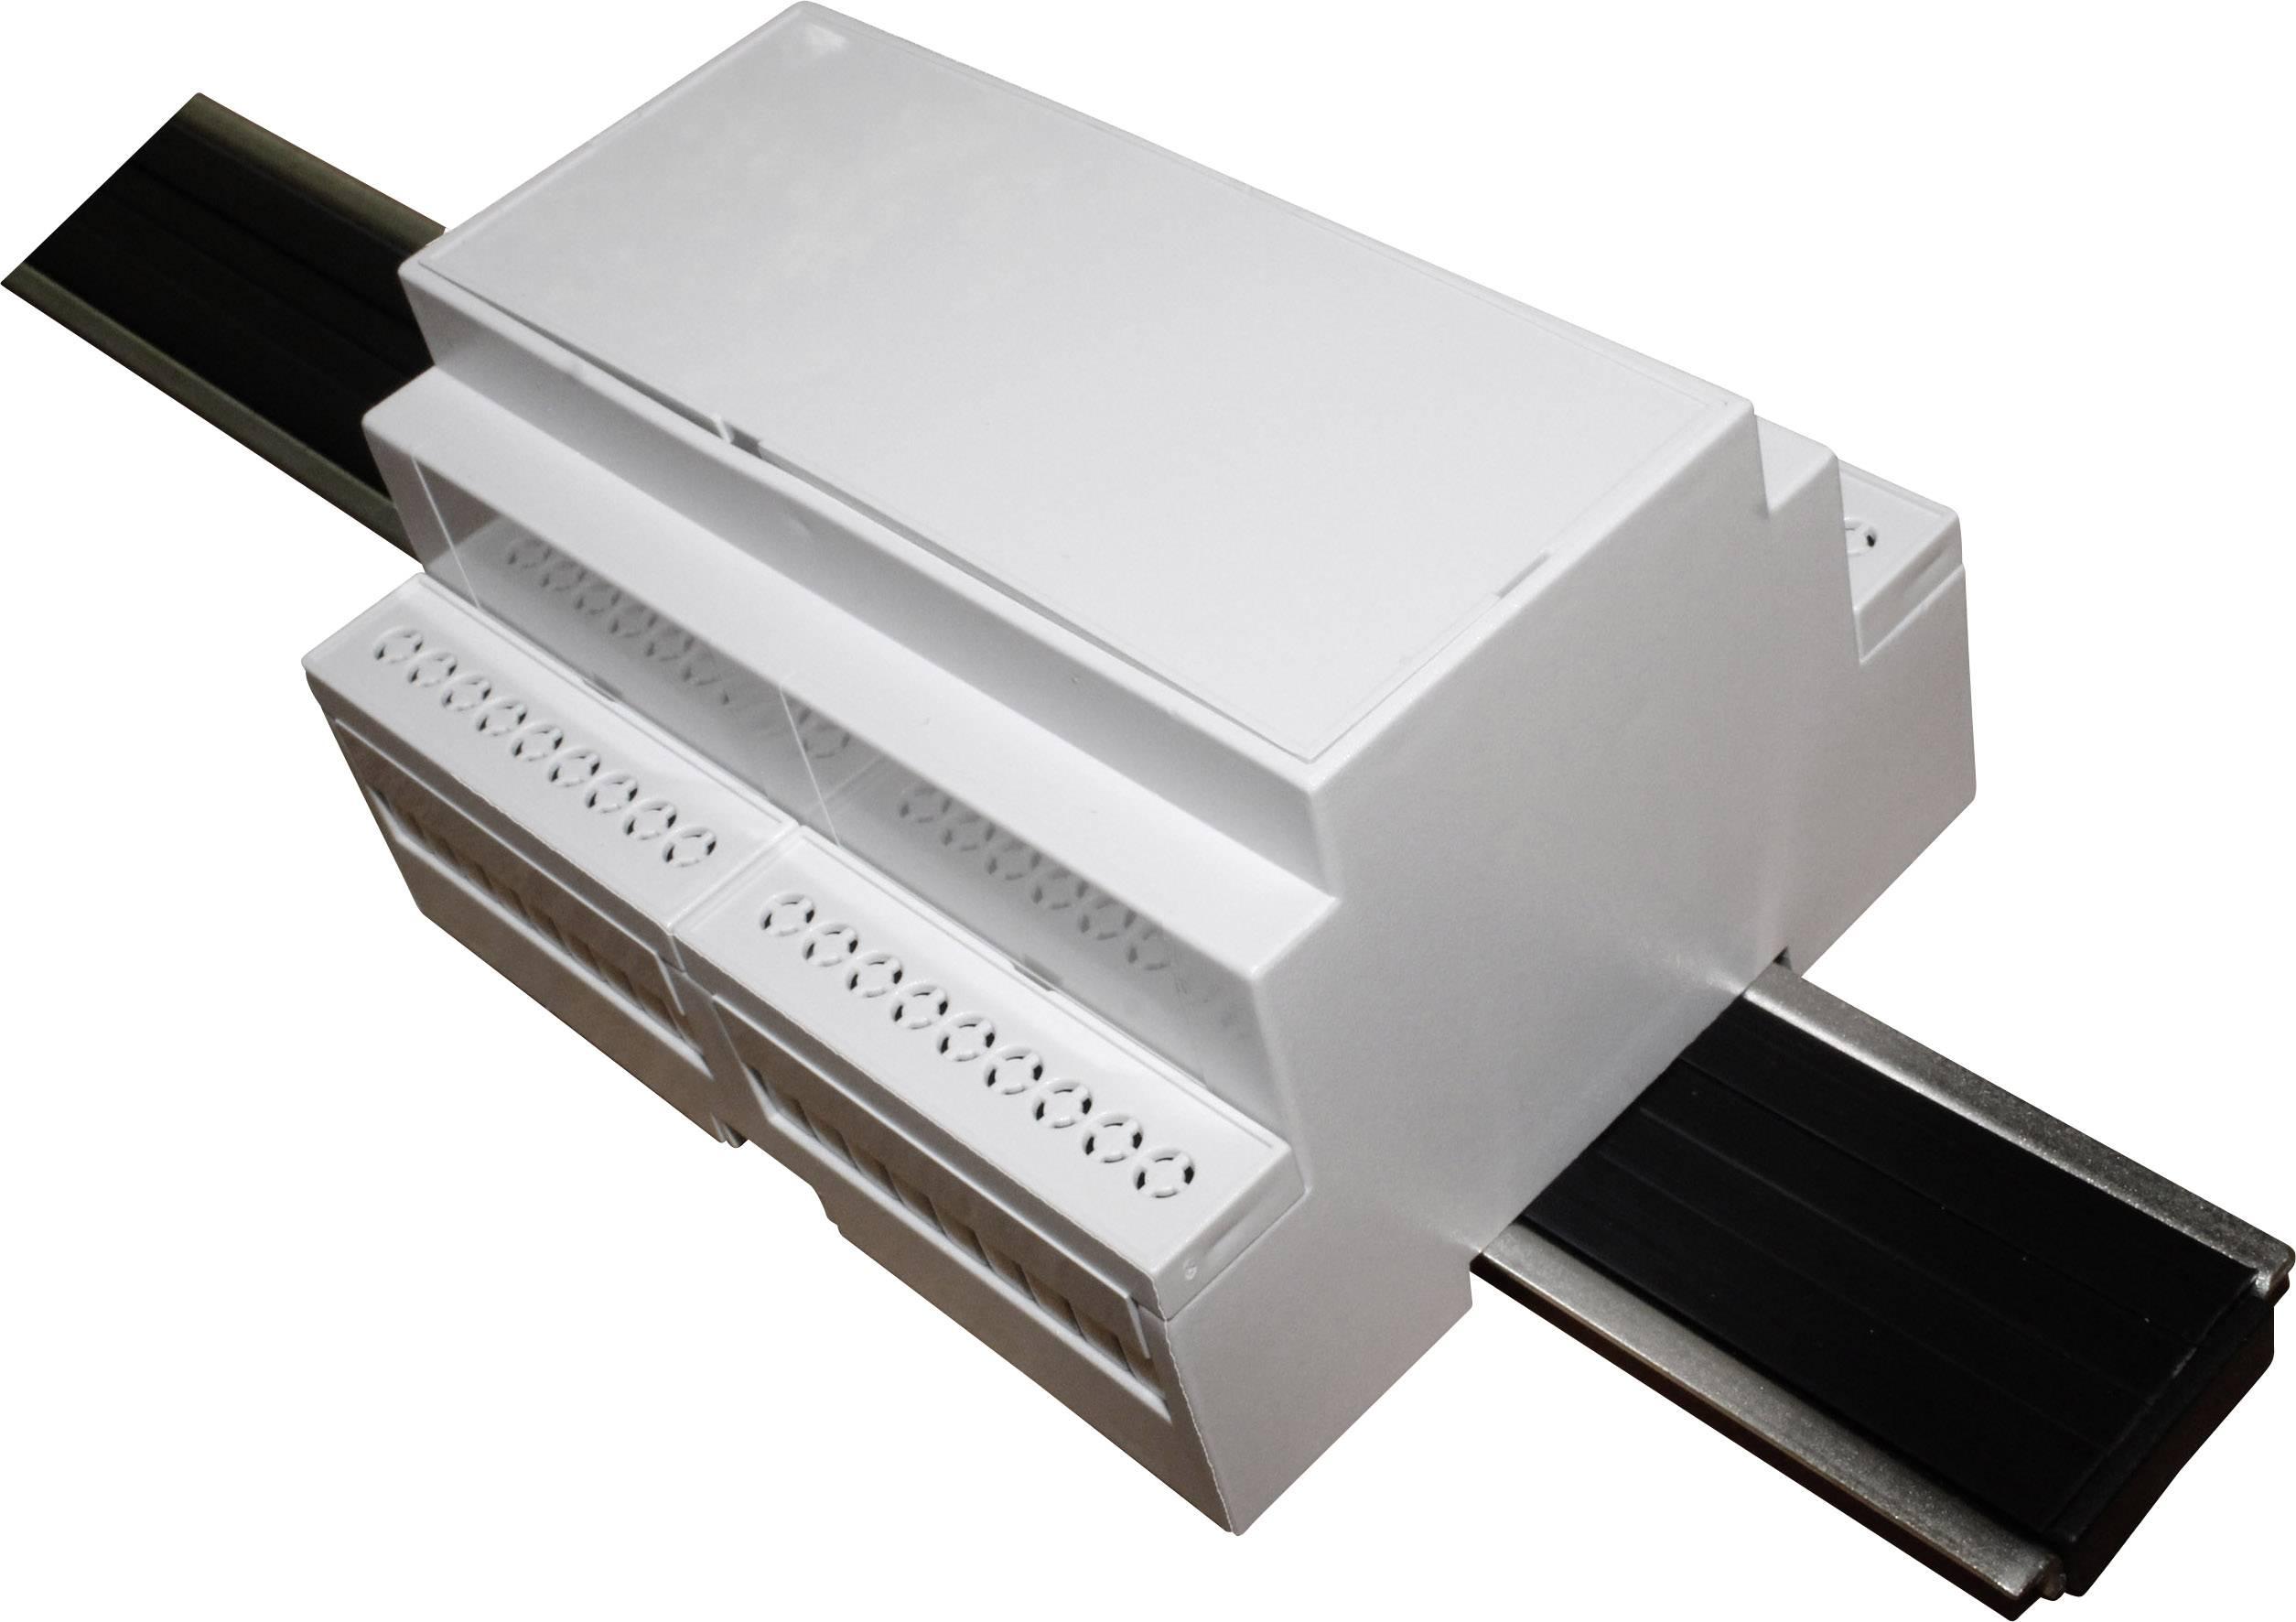 Pouzdro na DIN lištu Axxatronic CNMB/6/KIT/ACTIVE25-CON 58 x 106 x 90 , polykarbonát, šedá, 1 ks